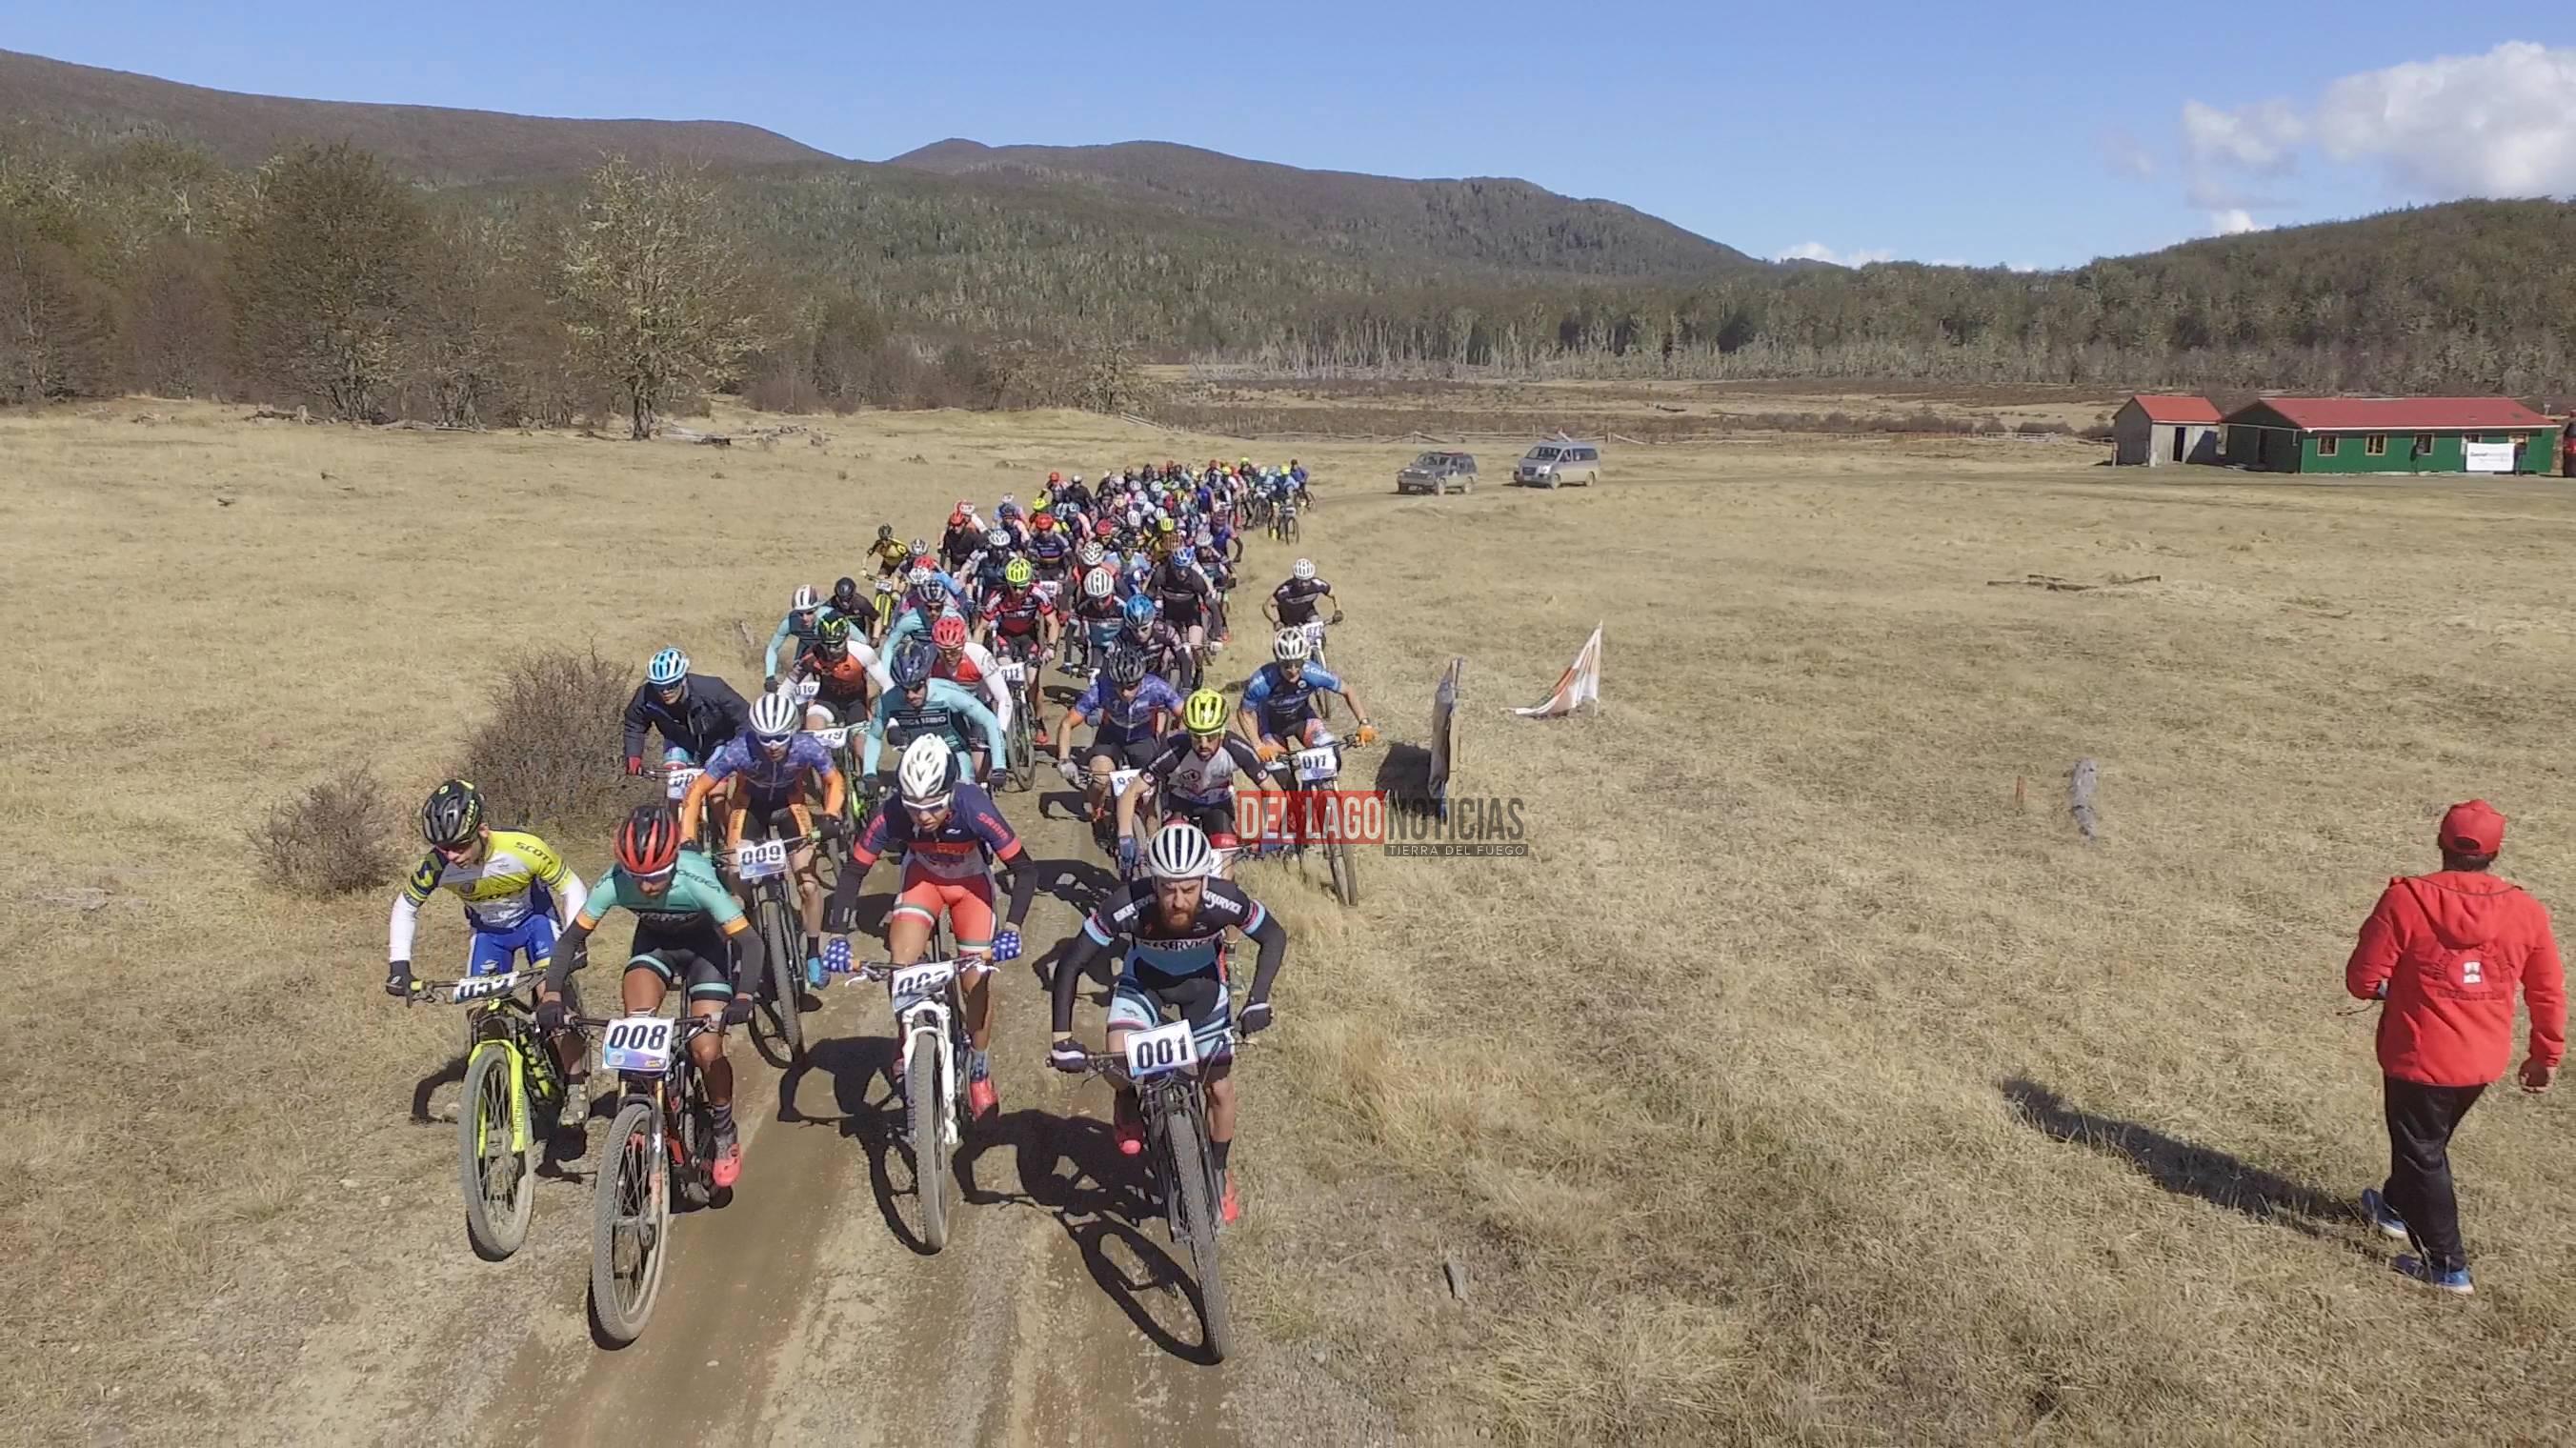 XIII edición del Rally Ciclismo de Montaña Aniversario de Tolhuin - Del Lago Noticias